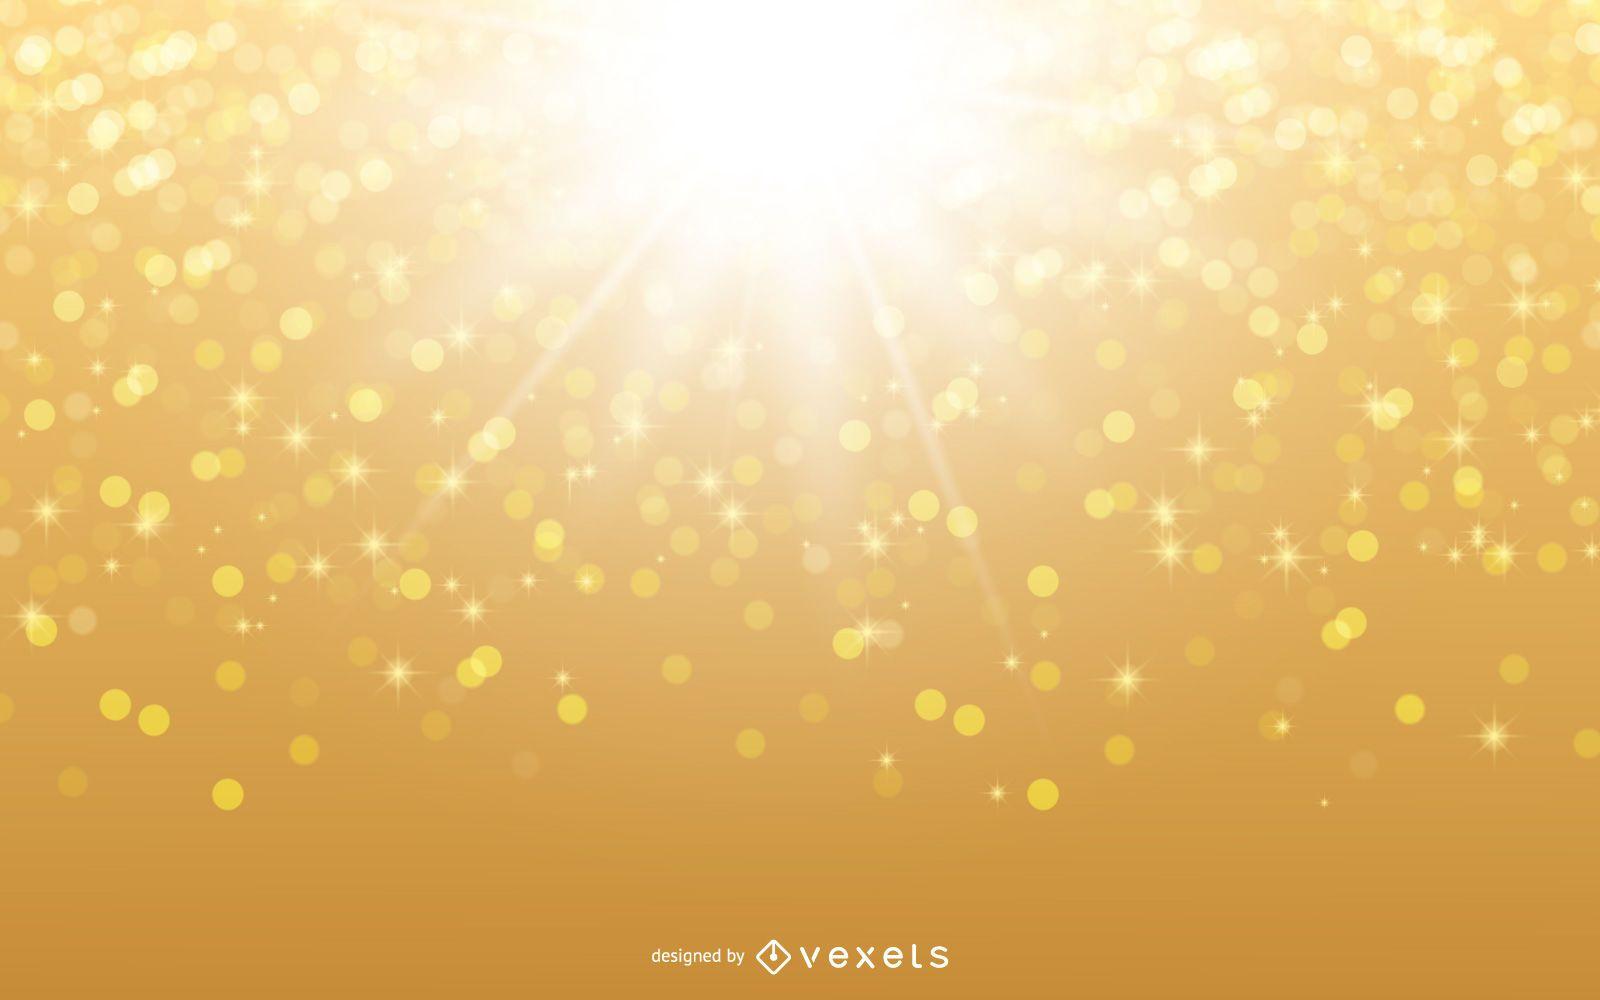 Fundo cintilante de luz do sol brilhante